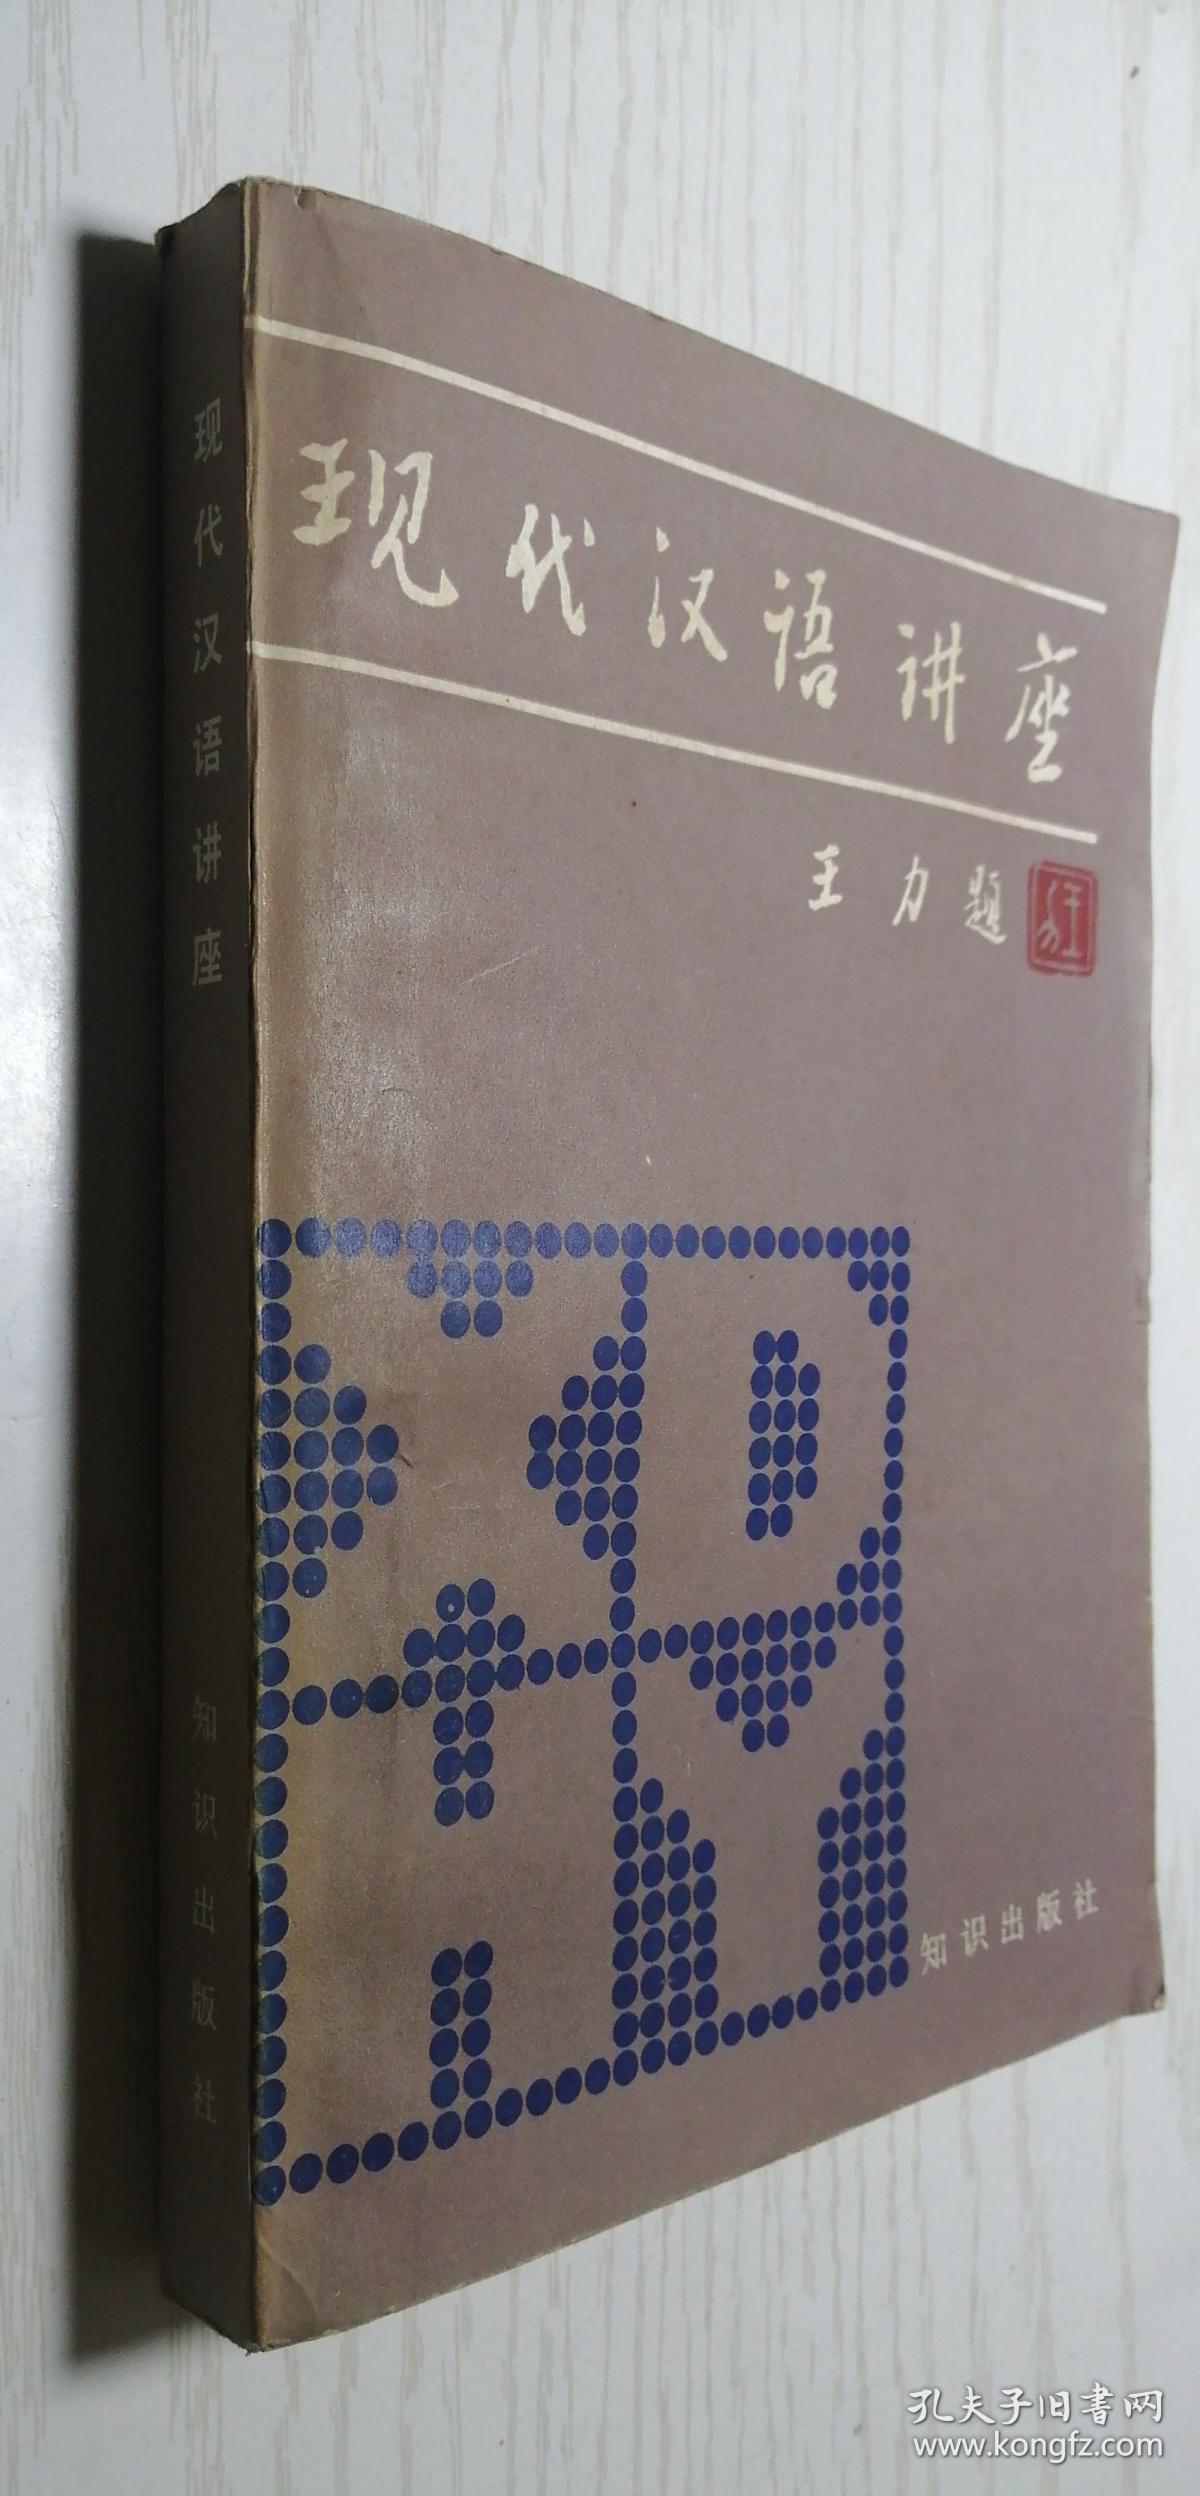 现代汉语讲座 北京市语言学会编